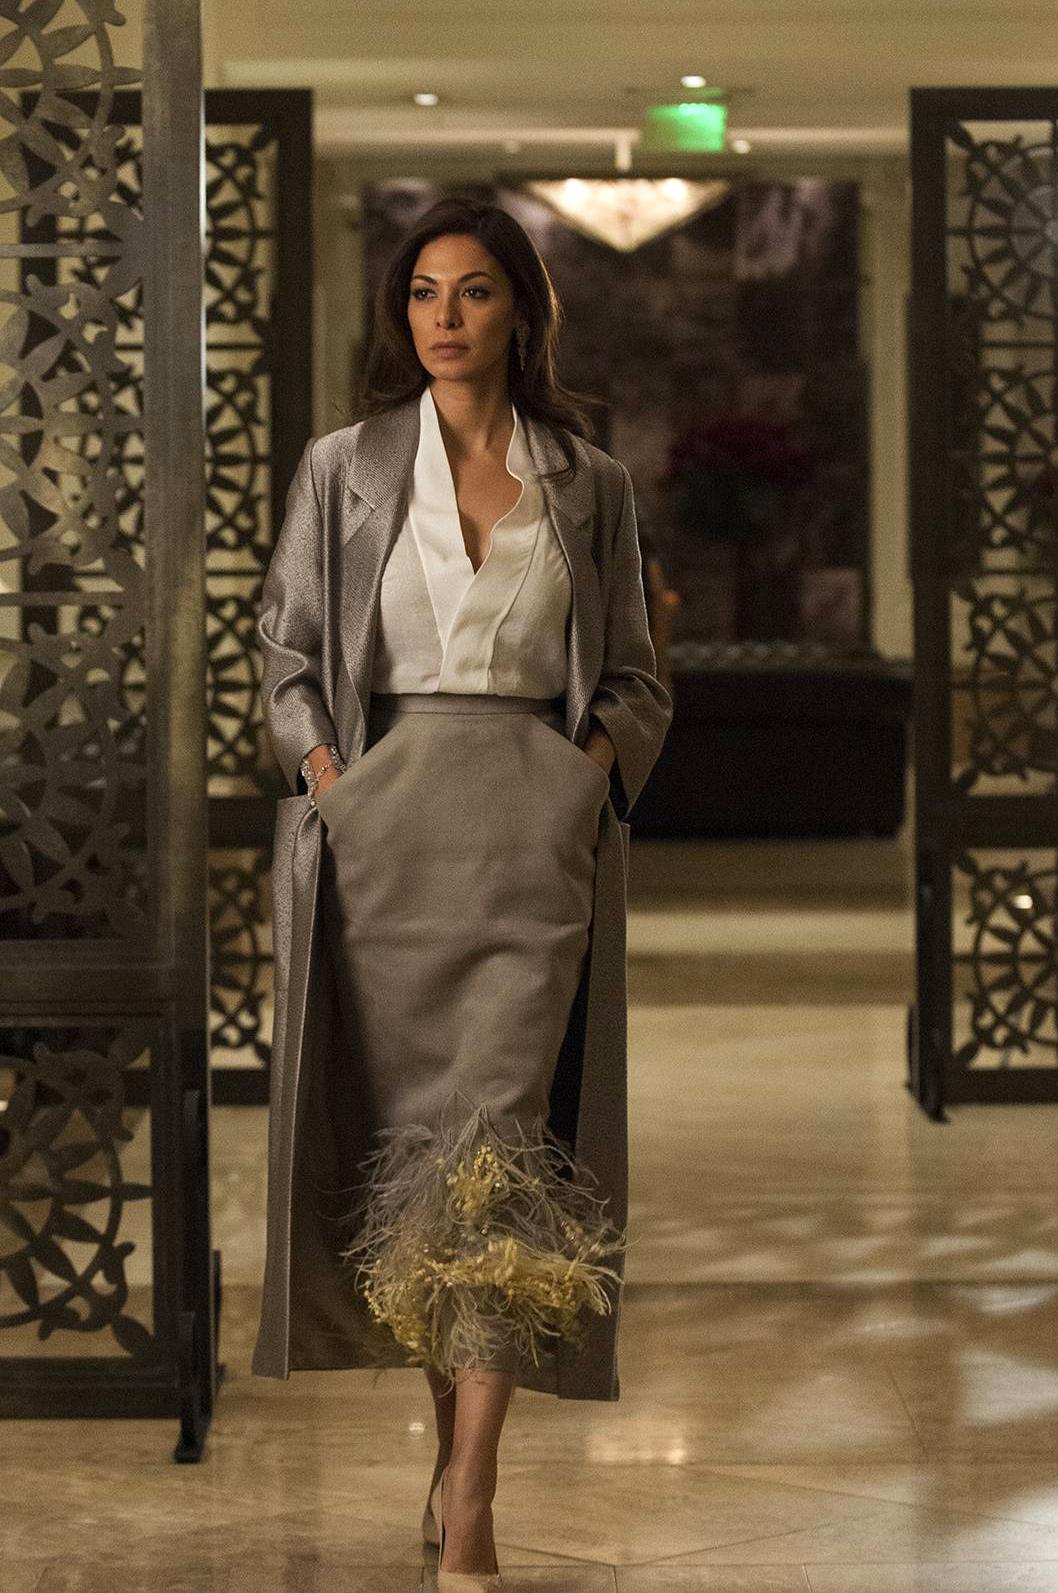 """Moran Atias in """"The Awful Grace of God."""" Tyrant Season 2"""